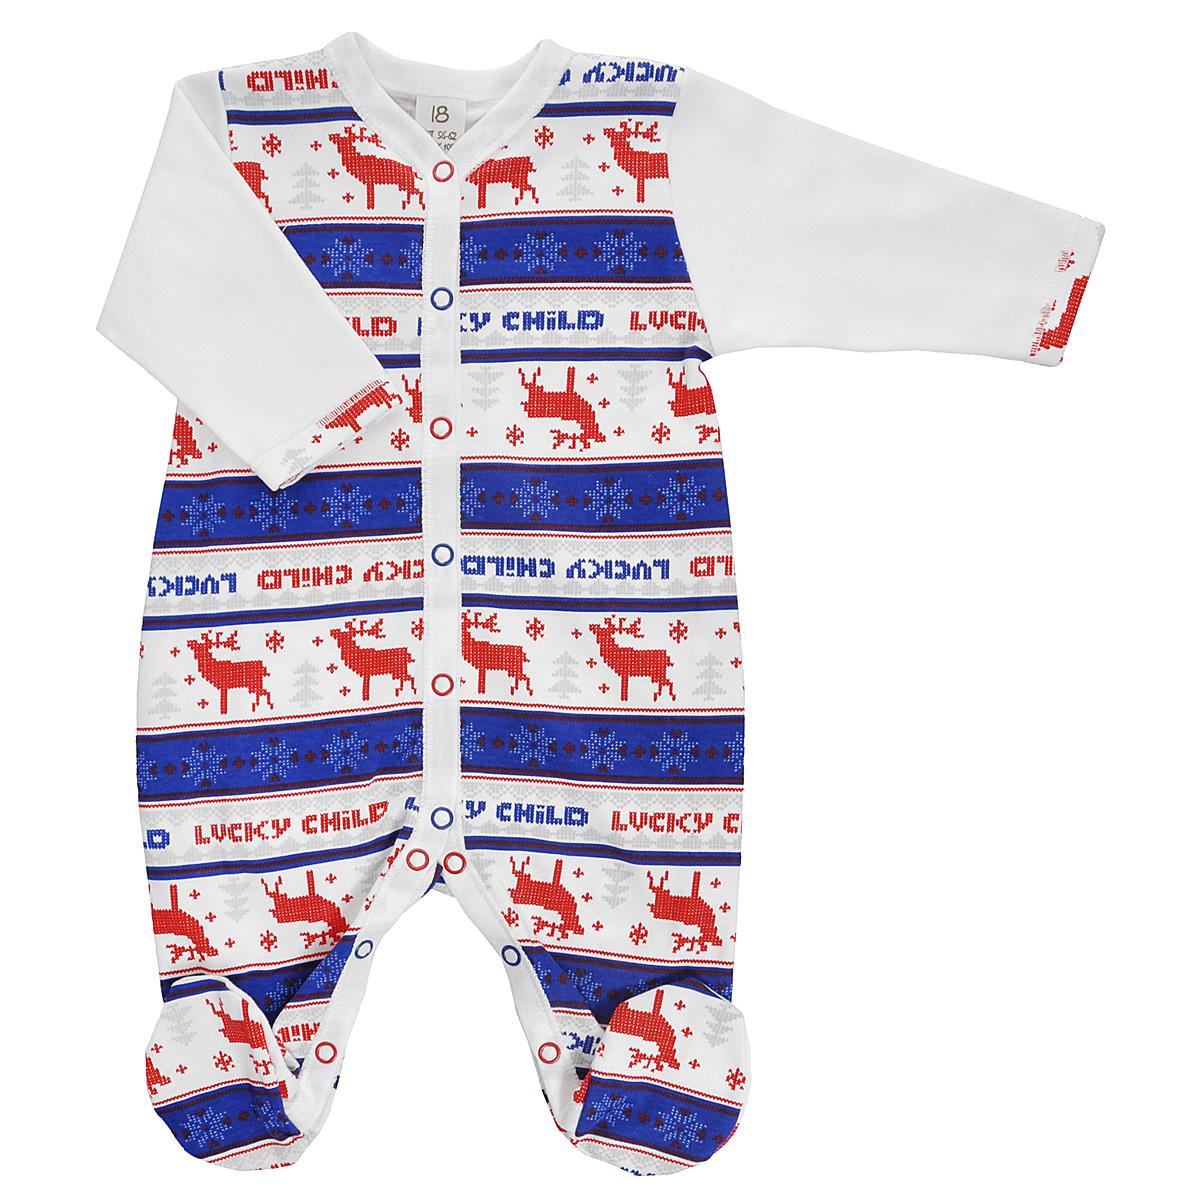 Комбинезон детский Lucky Child, цвет: молочный, синий, красный. 10-1_легкий. Размер 56/6210-1_легкийДетский комбинезон Lucky Child Скандинавия - очень удобный и практичный вид одежды для малышей. Комбинезон выполнен из натурального хлопка, благодаря чему он необычайно мягкий и приятный на ощупь, не раздражает нежную кожу ребенка и хорошо вентилируется, а эластичные швы приятны телу малыша и не препятствуют его движениям. Комбинезон с длинными рукавами и закрытыми ножками имеет застежки-кнопки от горловины до щиколоток, которые помогают легко переодеть младенца или сменить подгузник. Оформлена модель модным скандинавским принтом. С детским комбинезоном Lucky Child спинка и ножки вашего малыша всегда будут в тепле, он идеален для использования днем и незаменим ночью. Комбинезон полностью соответствует особенностям жизни младенца в ранний период, не стесняя и не ограничивая его в движениях!